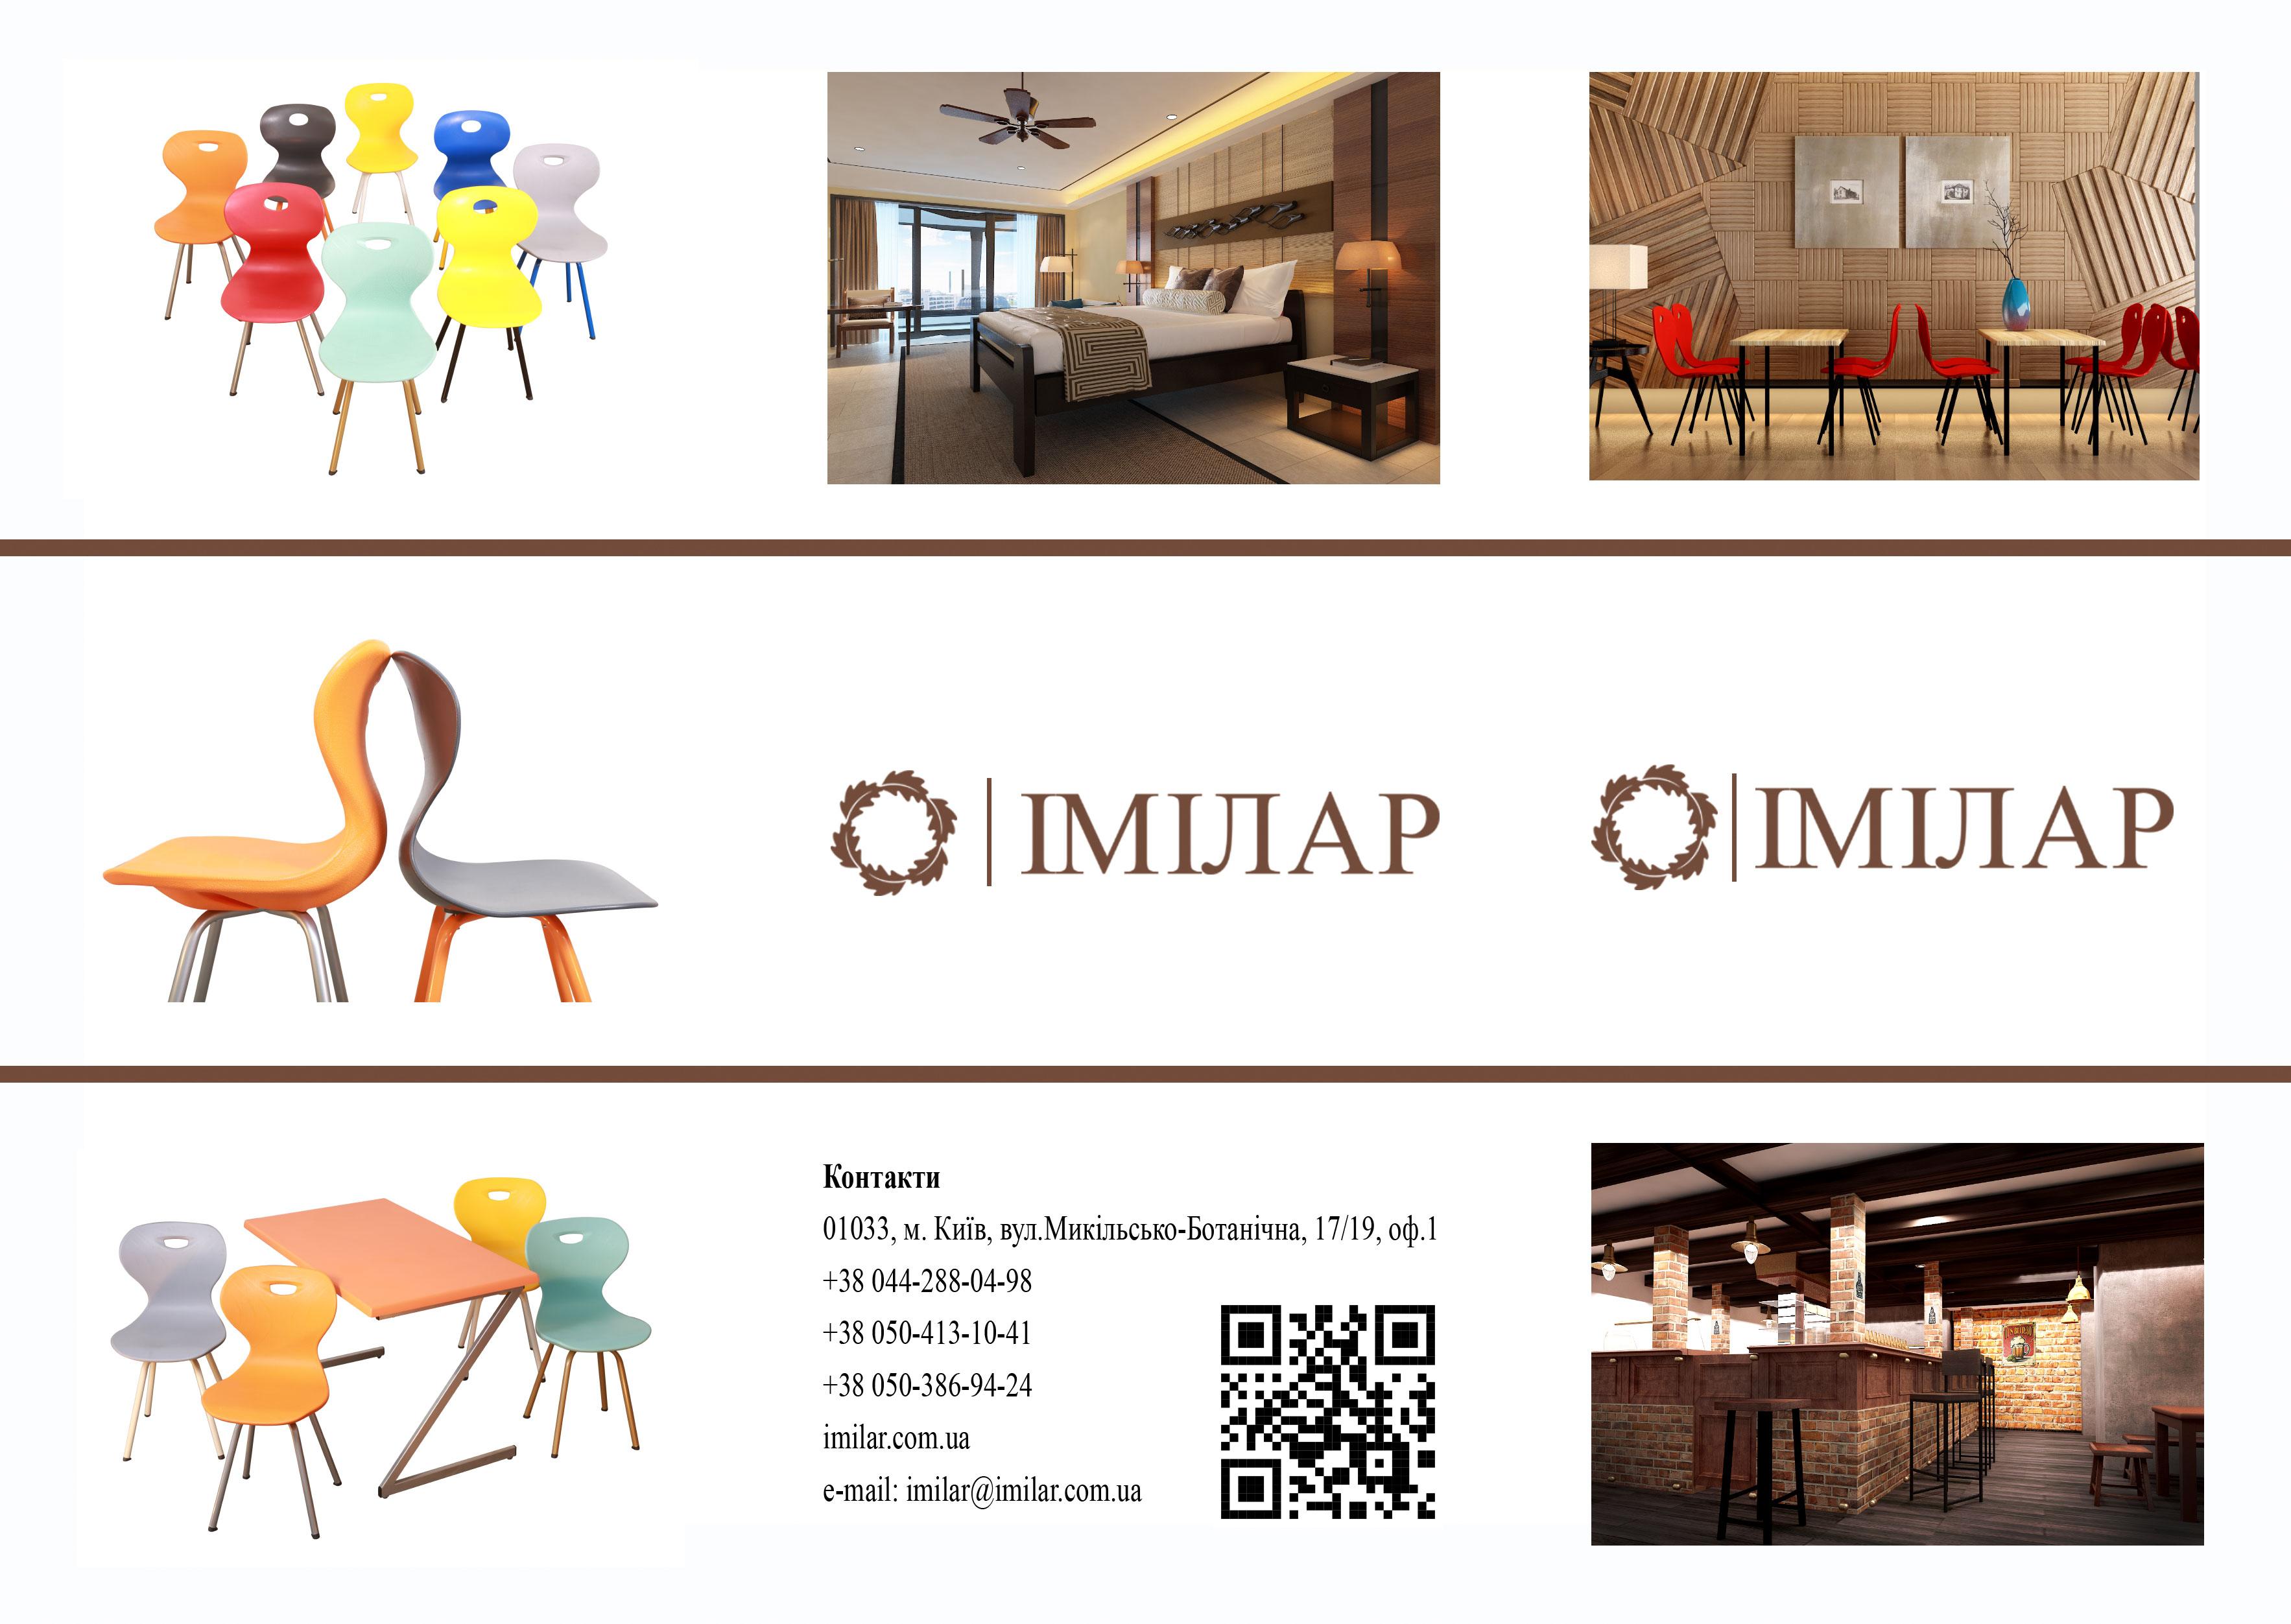 Фото Дизайн полиграфии (буклеты, листовки, флаеры) для бизнеса быстро и качественно 2